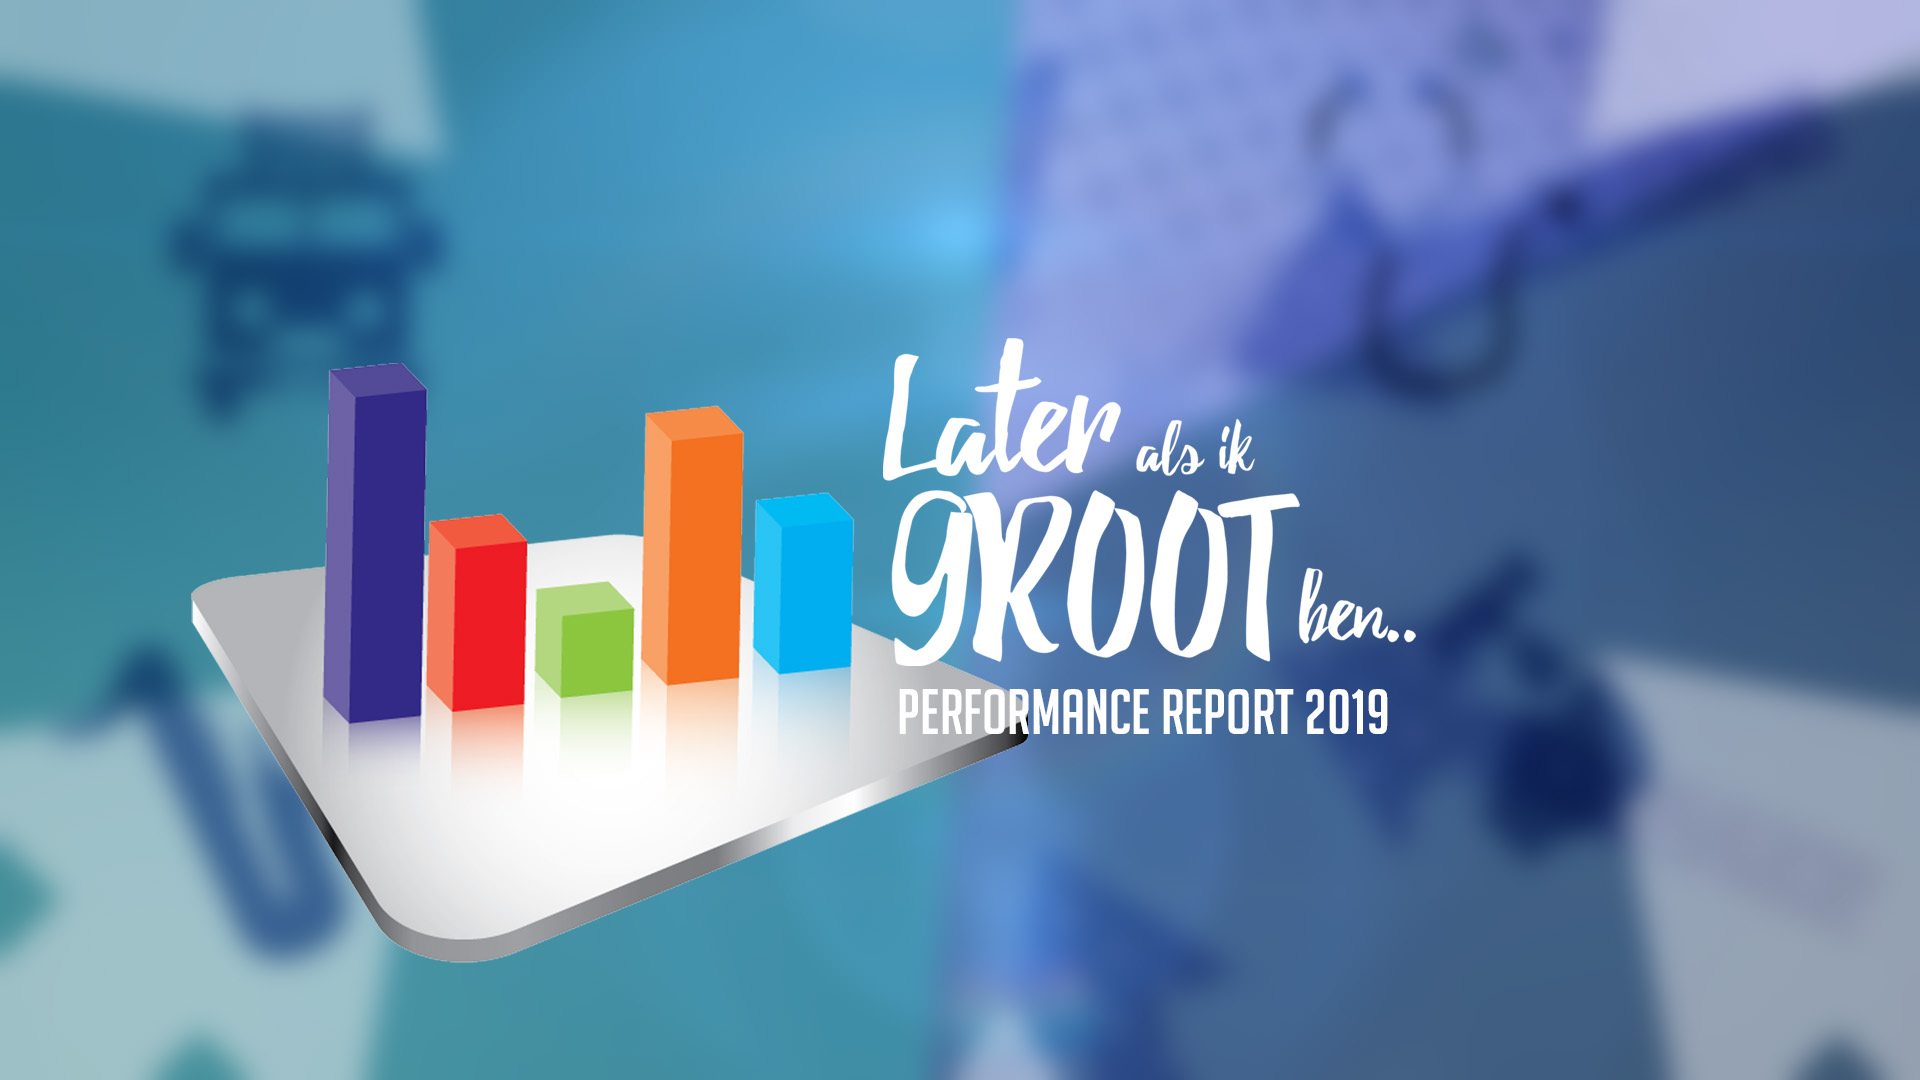 Performance report 'Later als ik Groot ben…' 2019